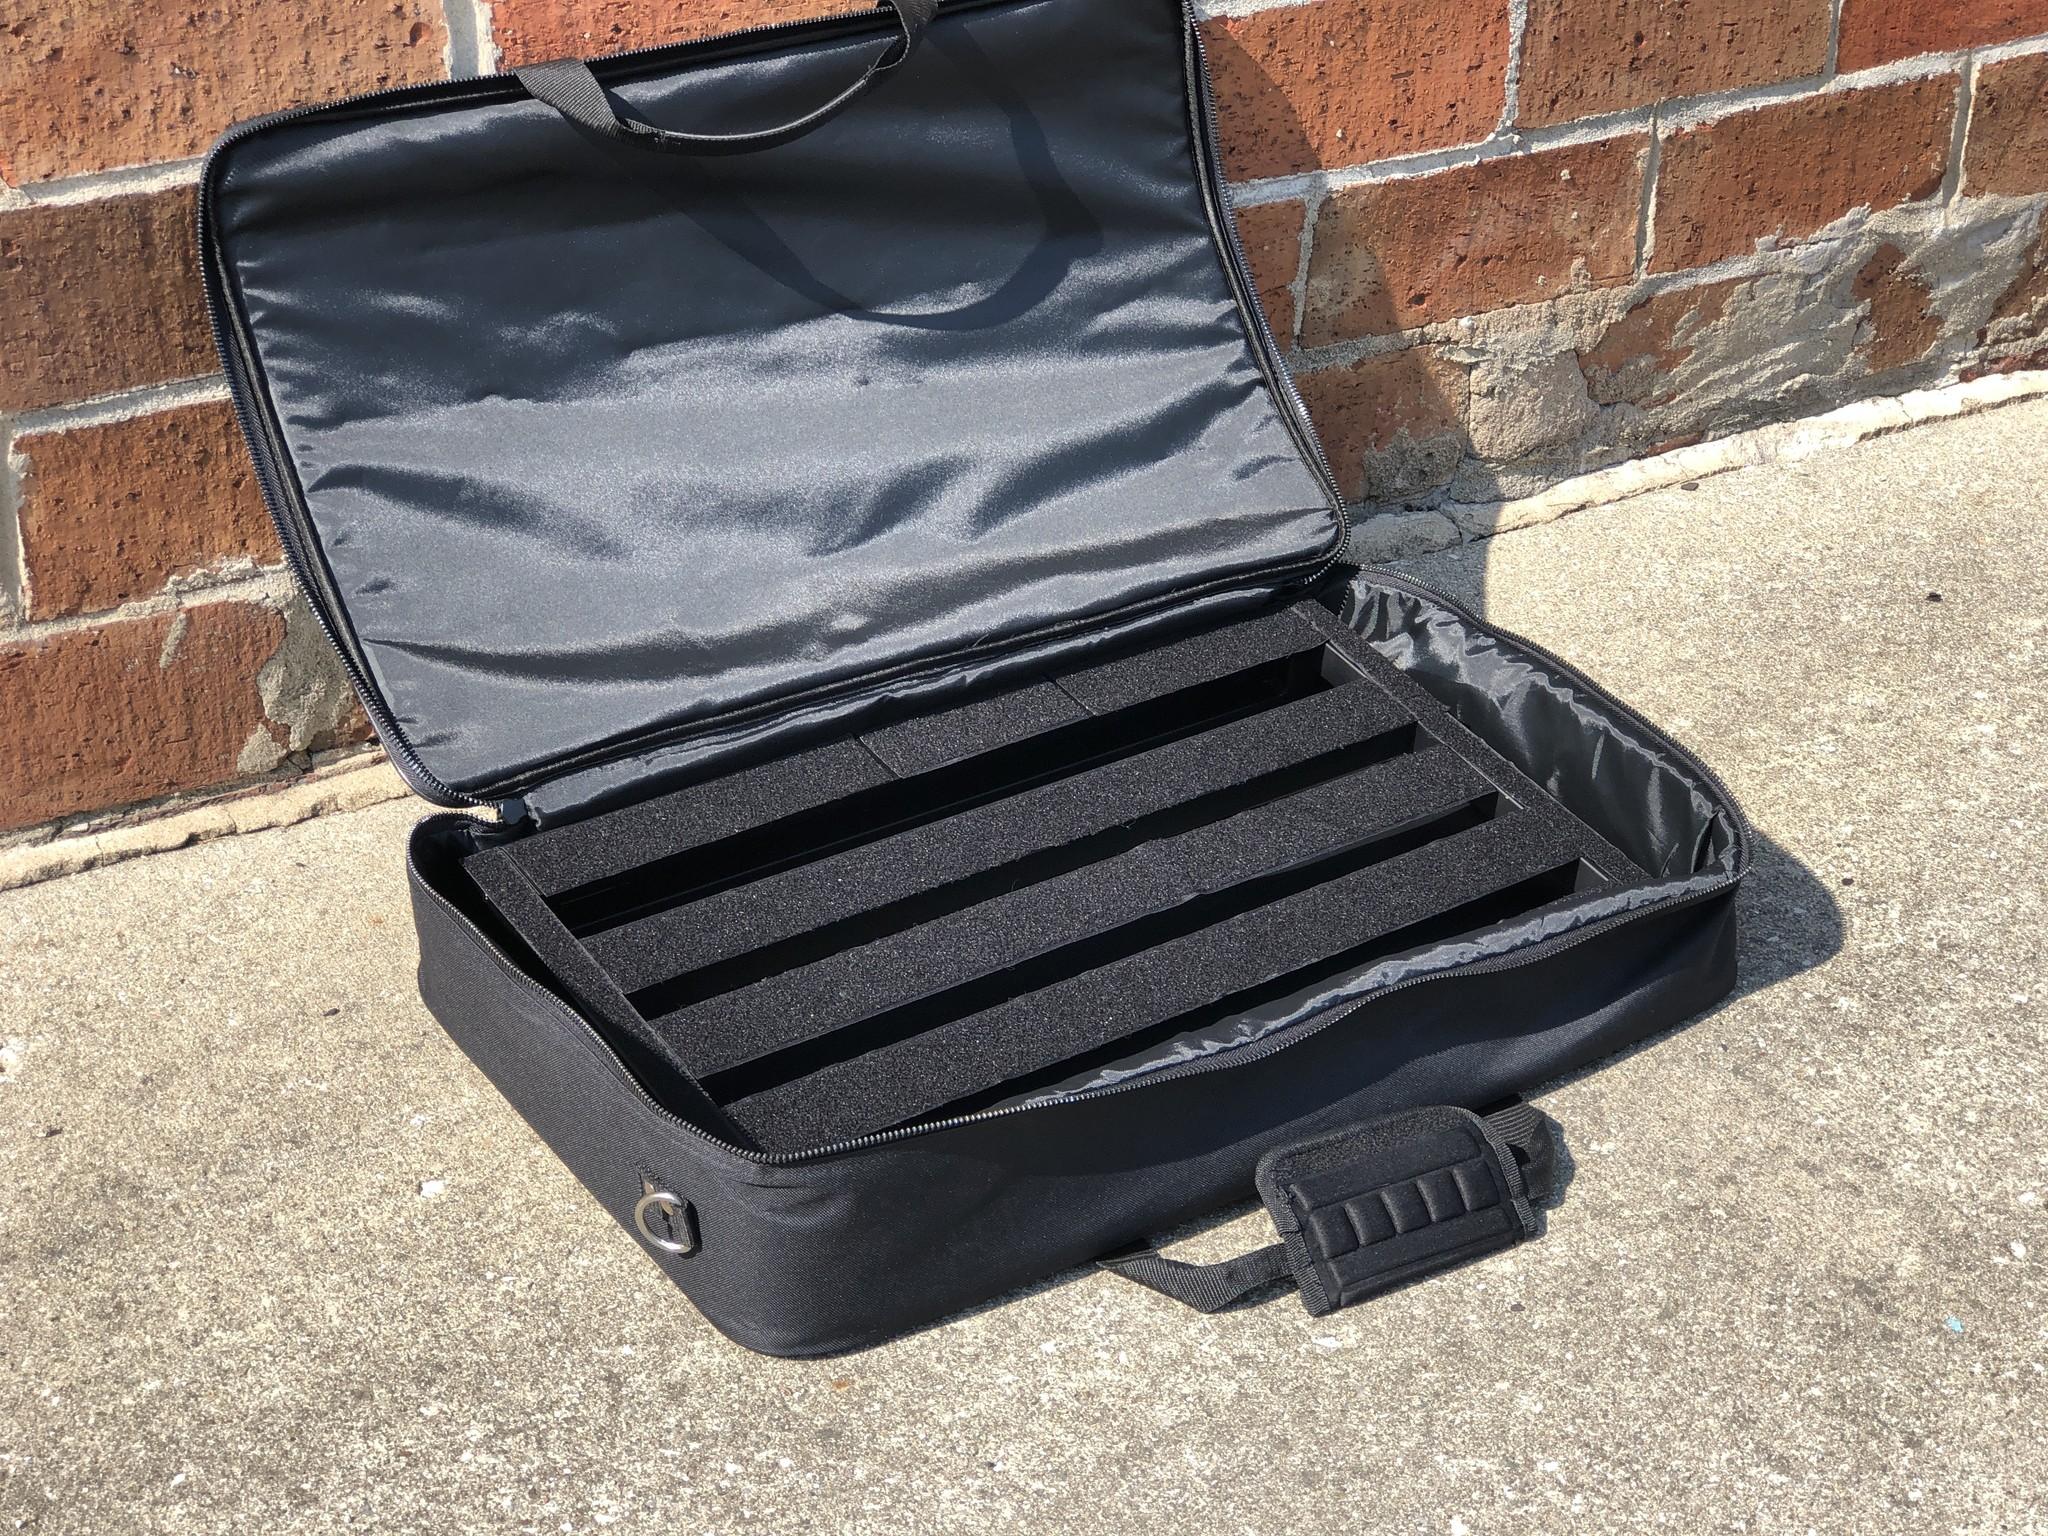 PedalTrain Novo 24 w/ soft bag #2-3